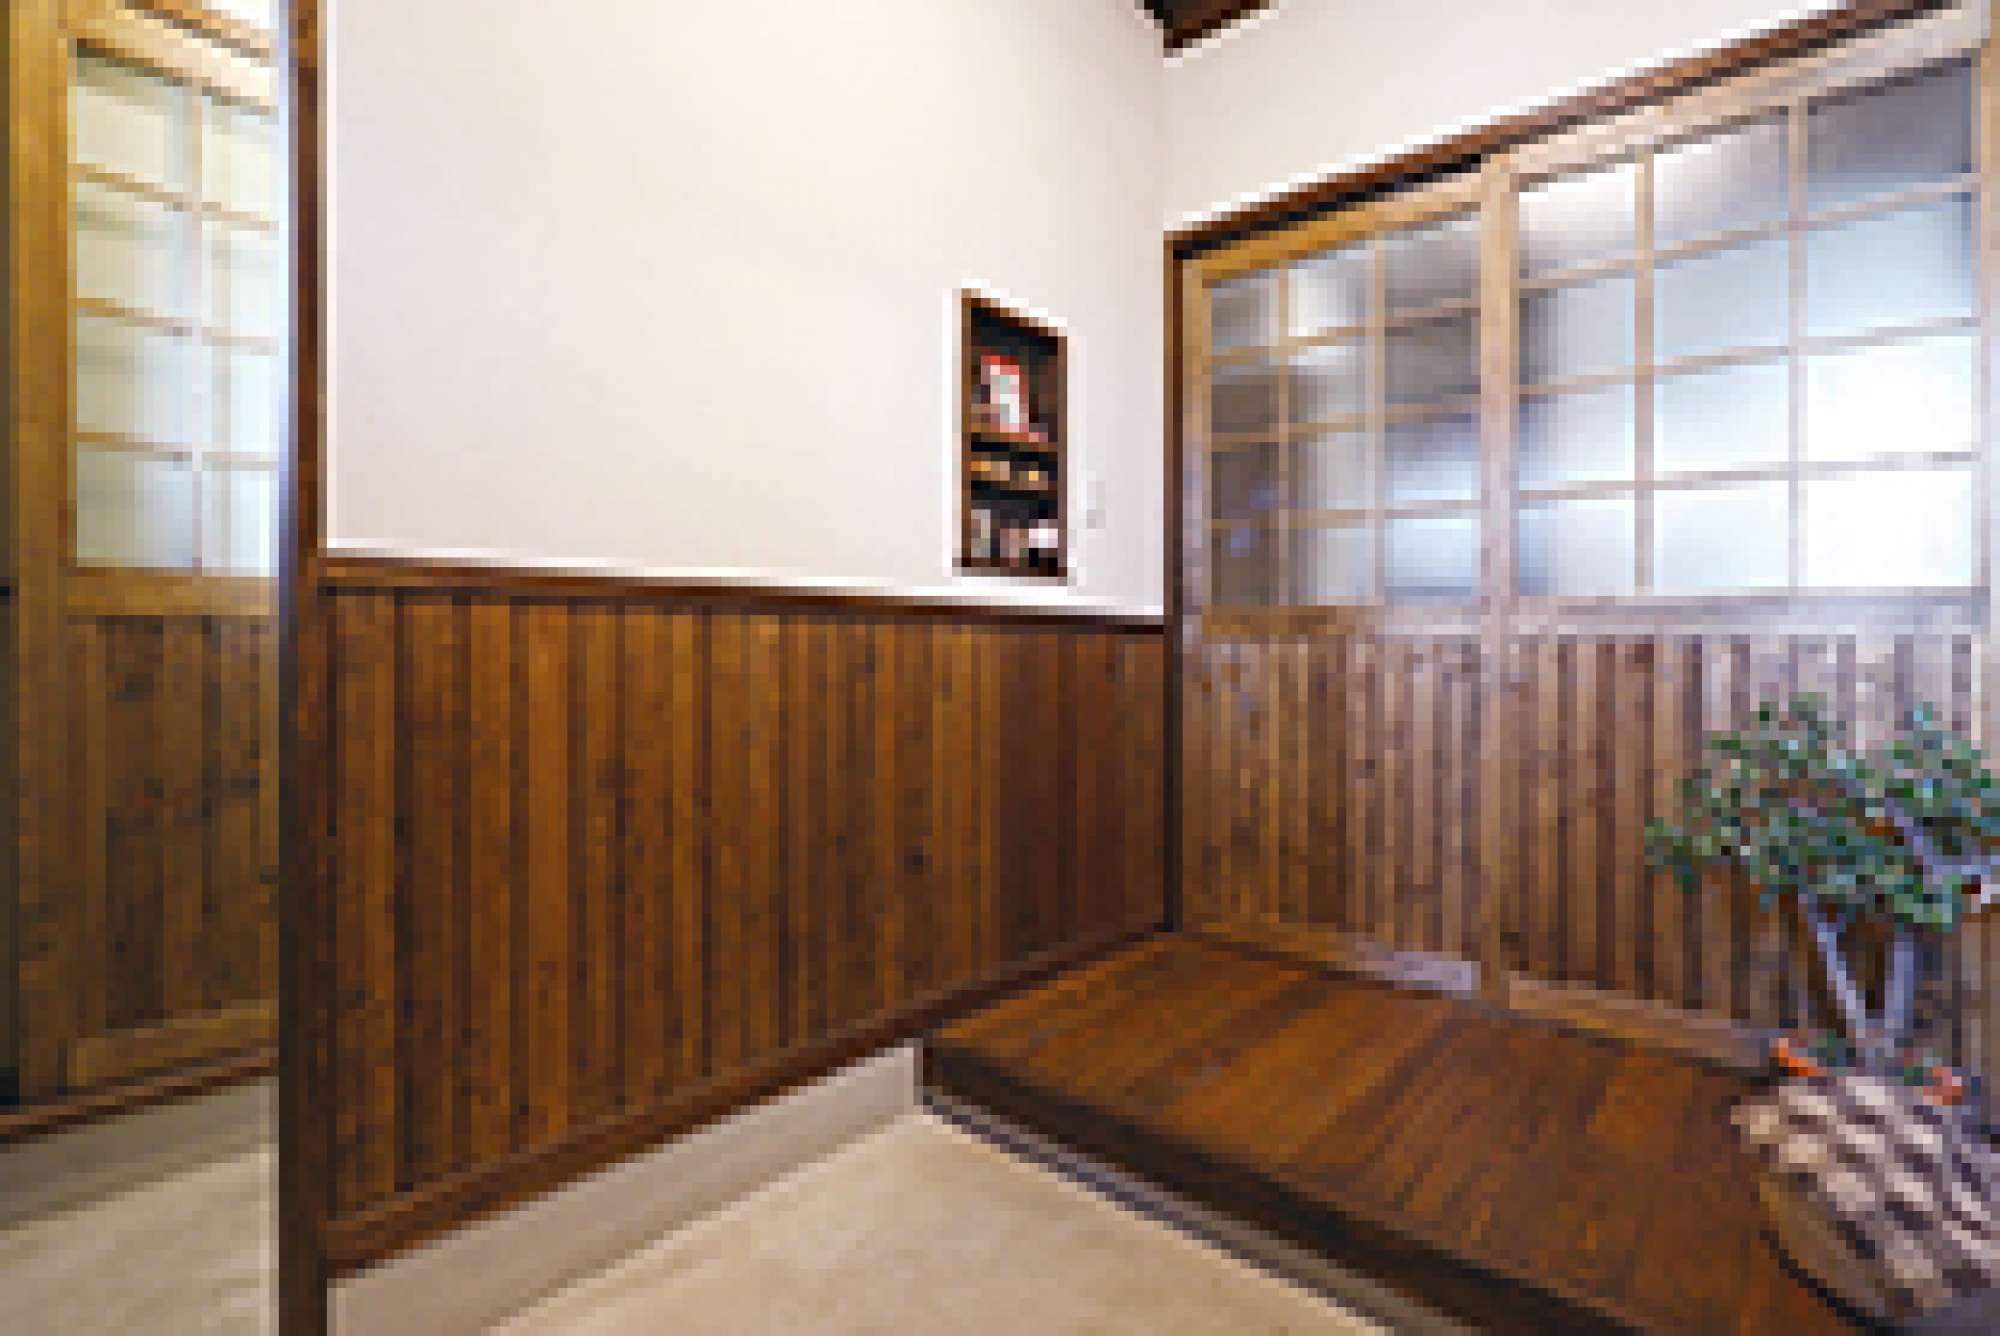 造作引き戸と腰壁が風情漂う玄関。左はキッチンに続くパントリー -  -  -